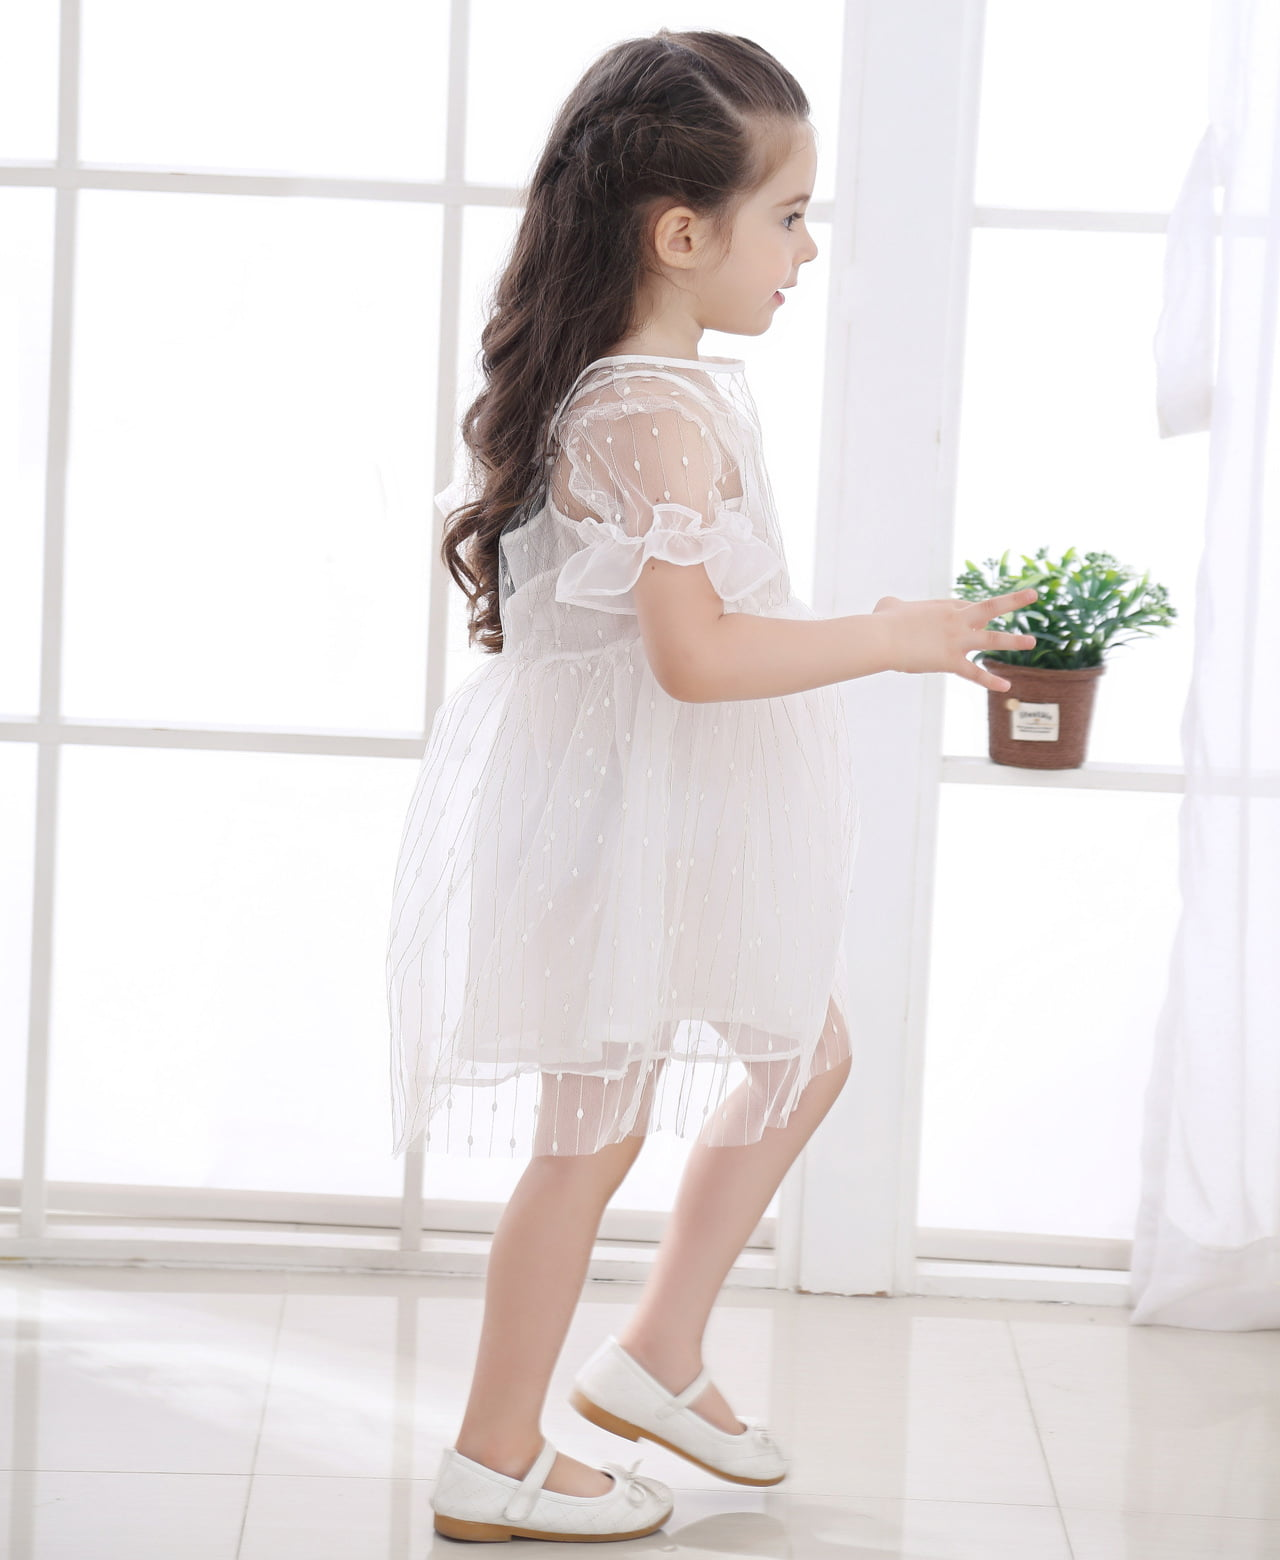 Thoi trang con nit 18 - Gợi ý thời trang kiểu tây cho bé